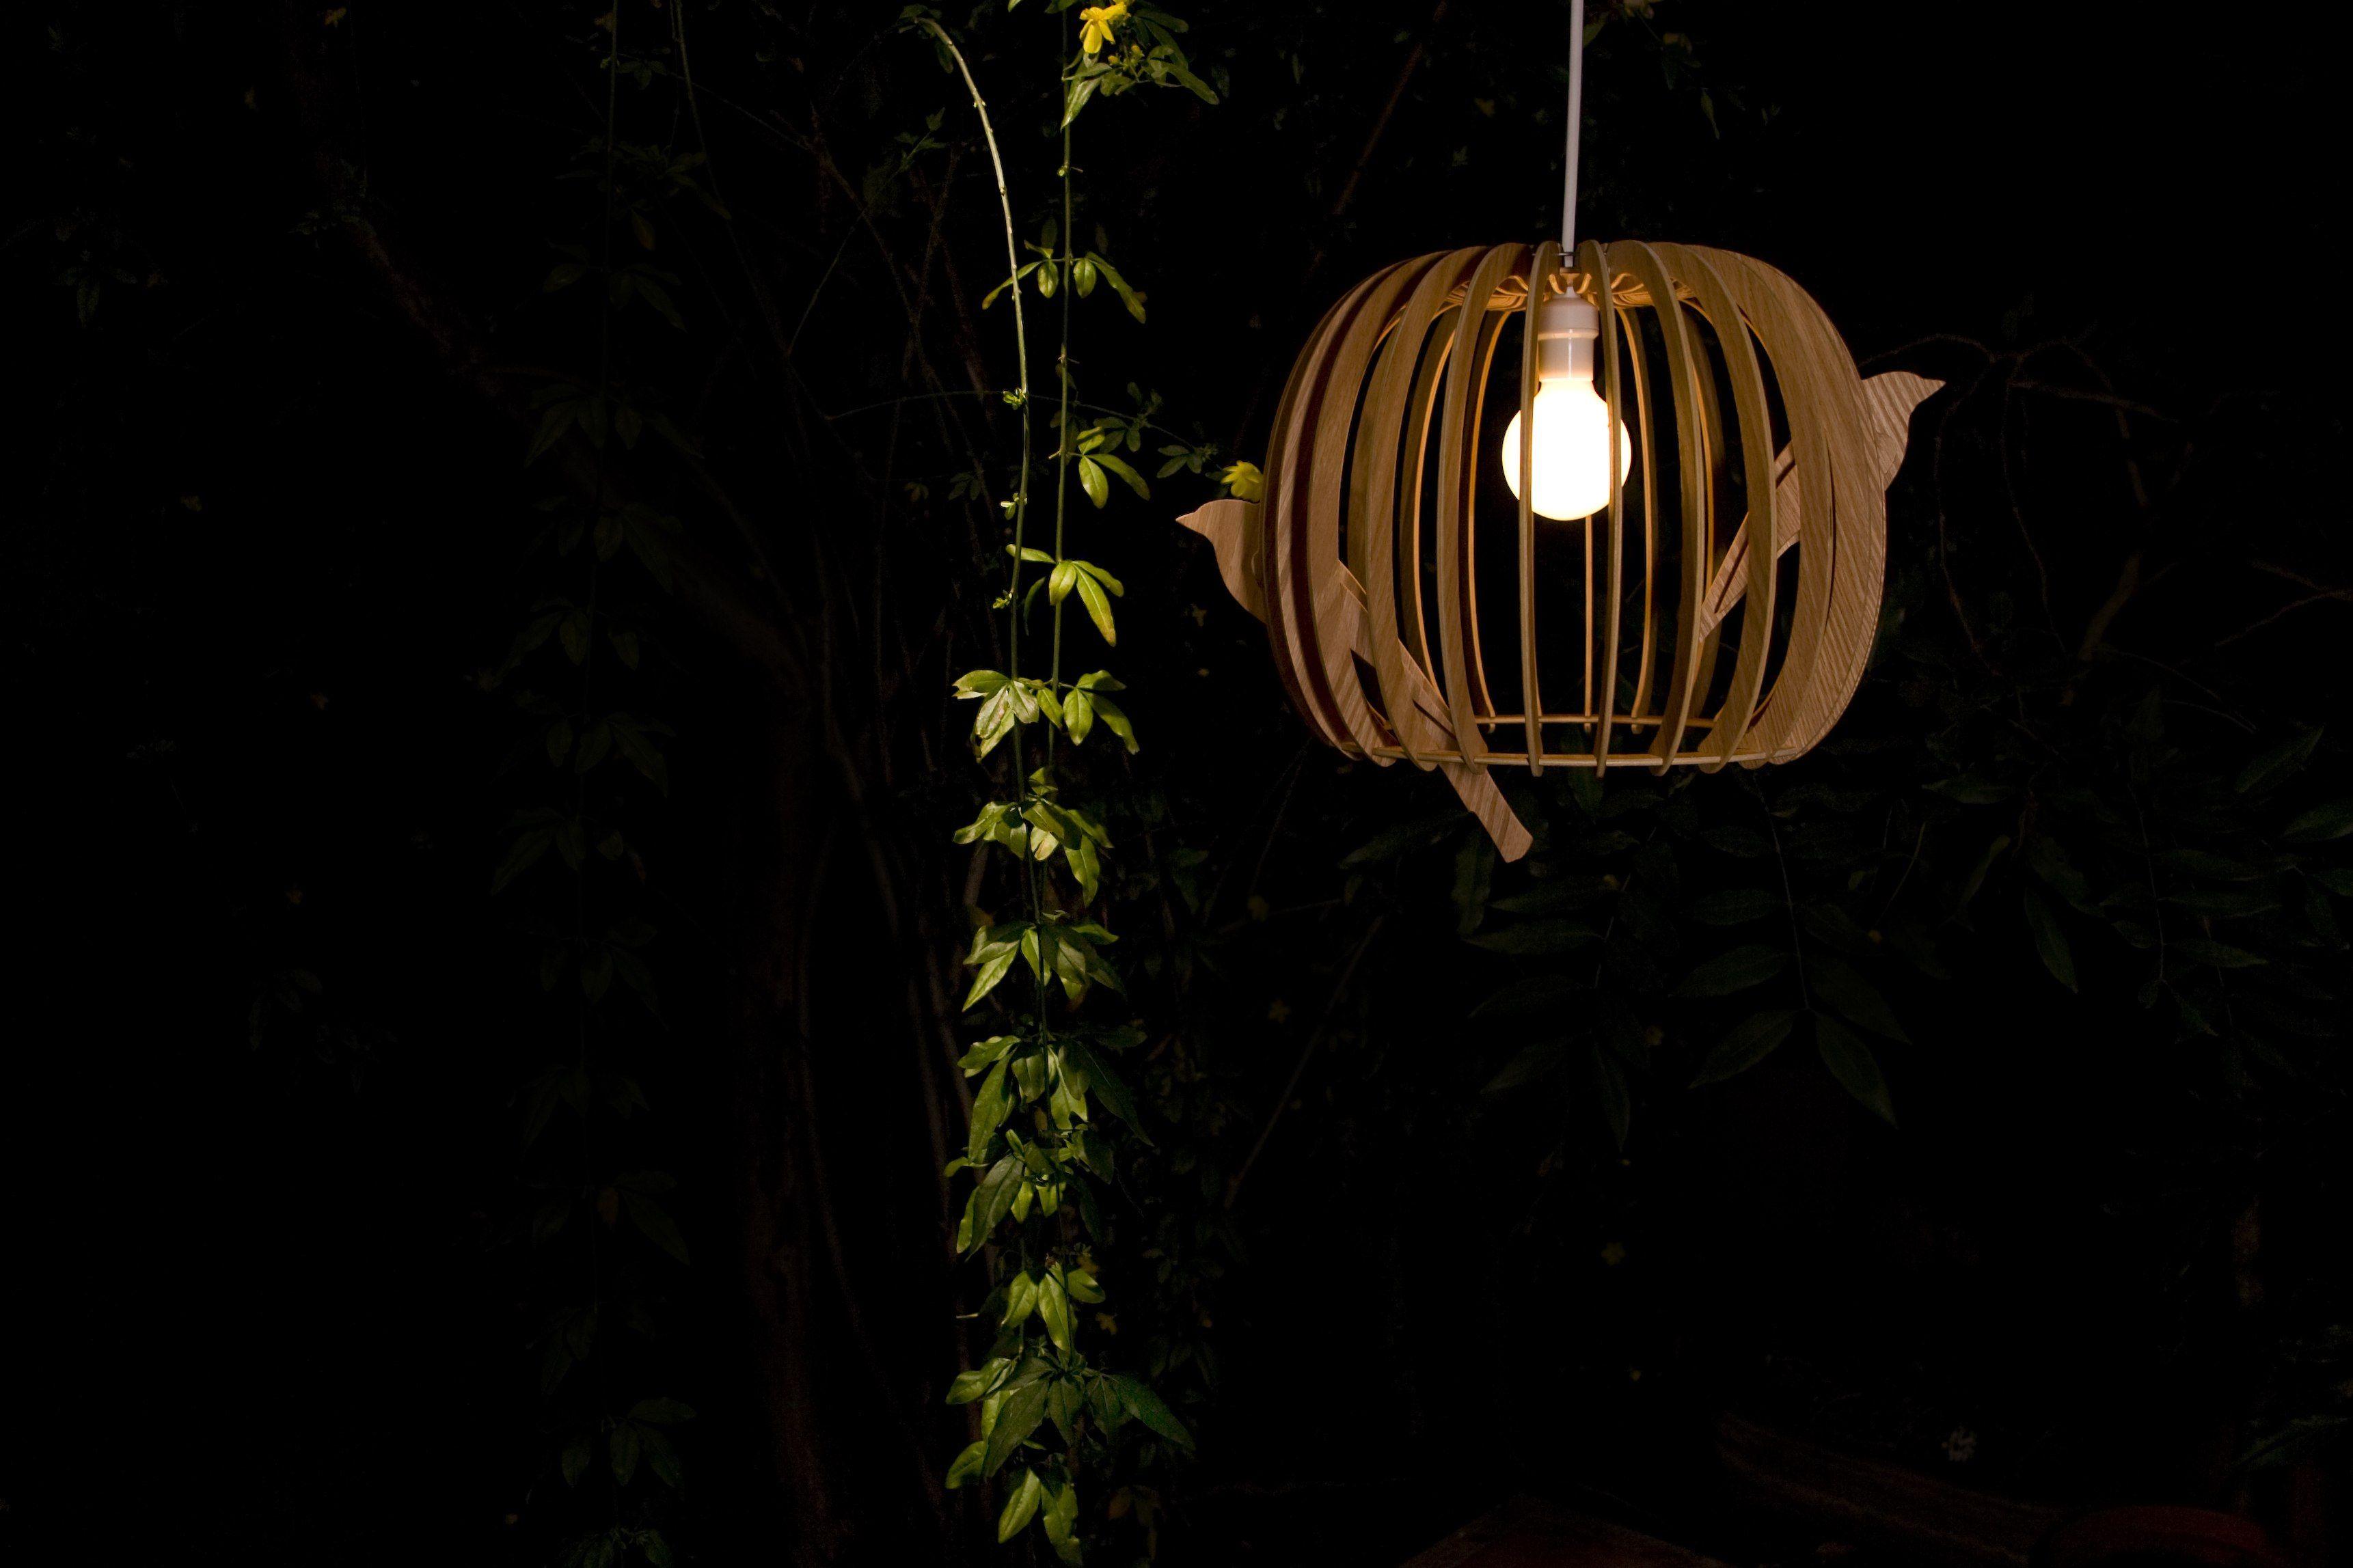 Llum lamps